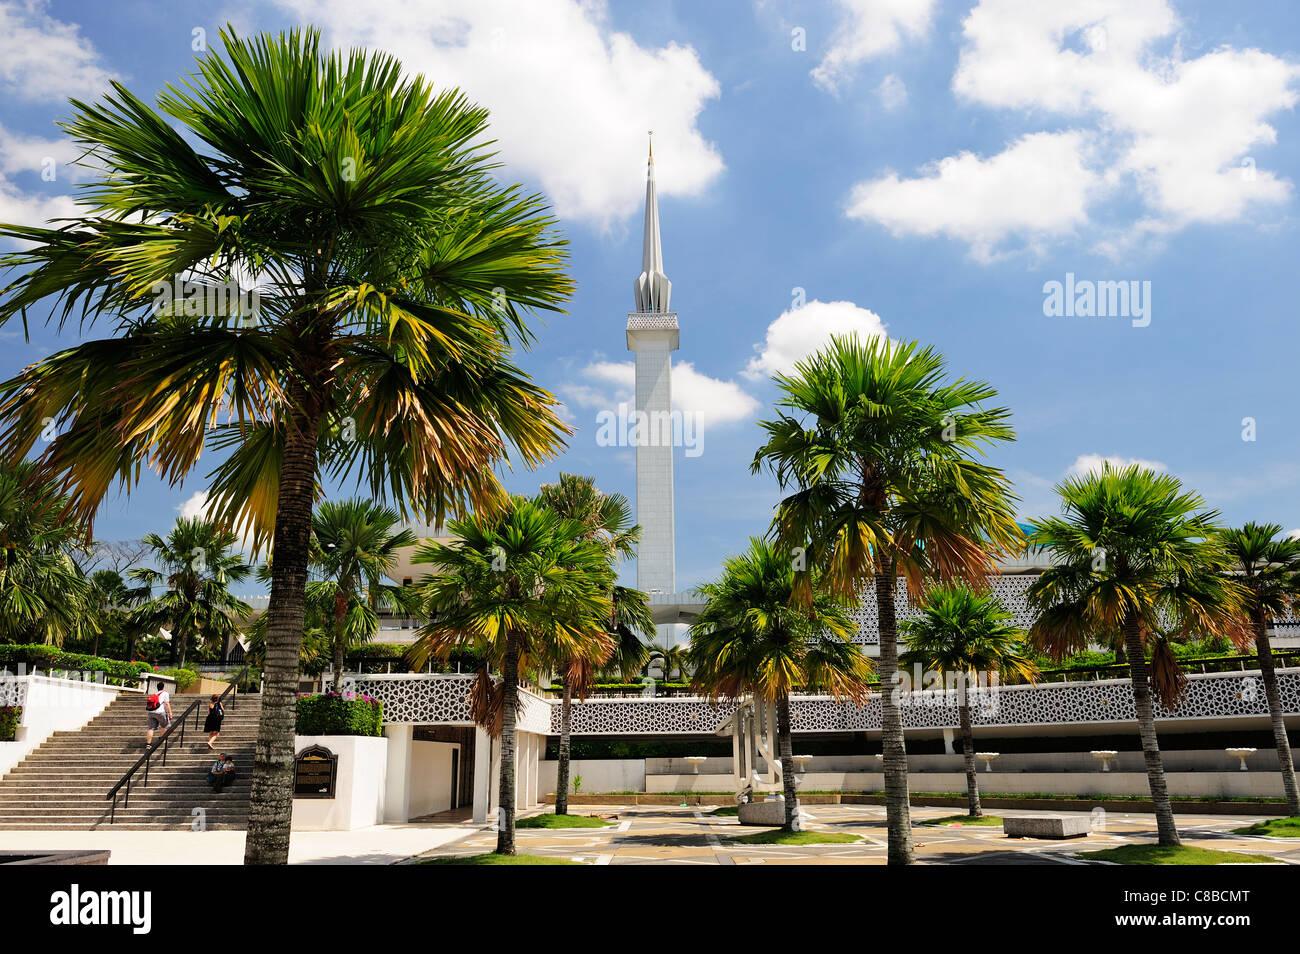 Masjid Negara Mosque, Kuala Lumpur, Malaysia - Stock Image